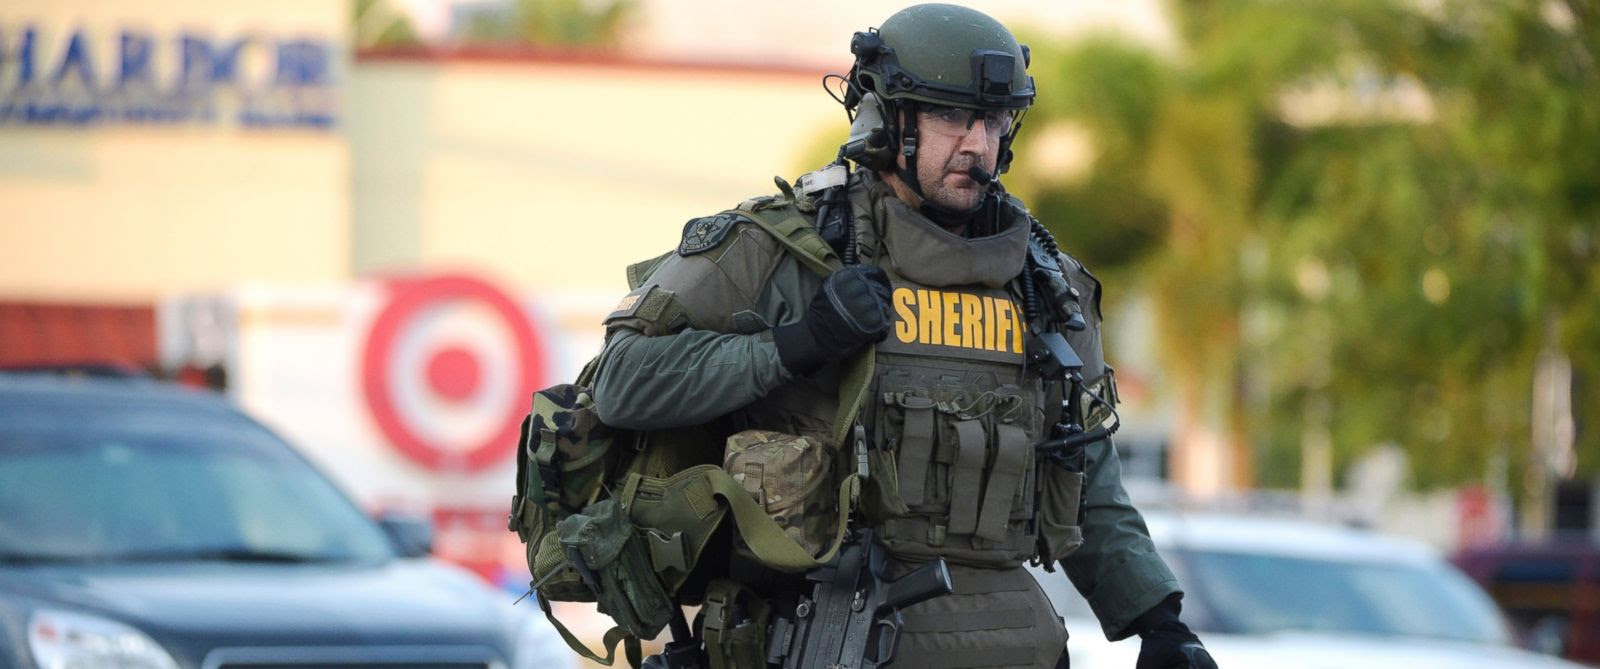 http://a.abcnews.com/images/US/AP_orlando_swat_02_jef_160612_12x5_1600.jpg